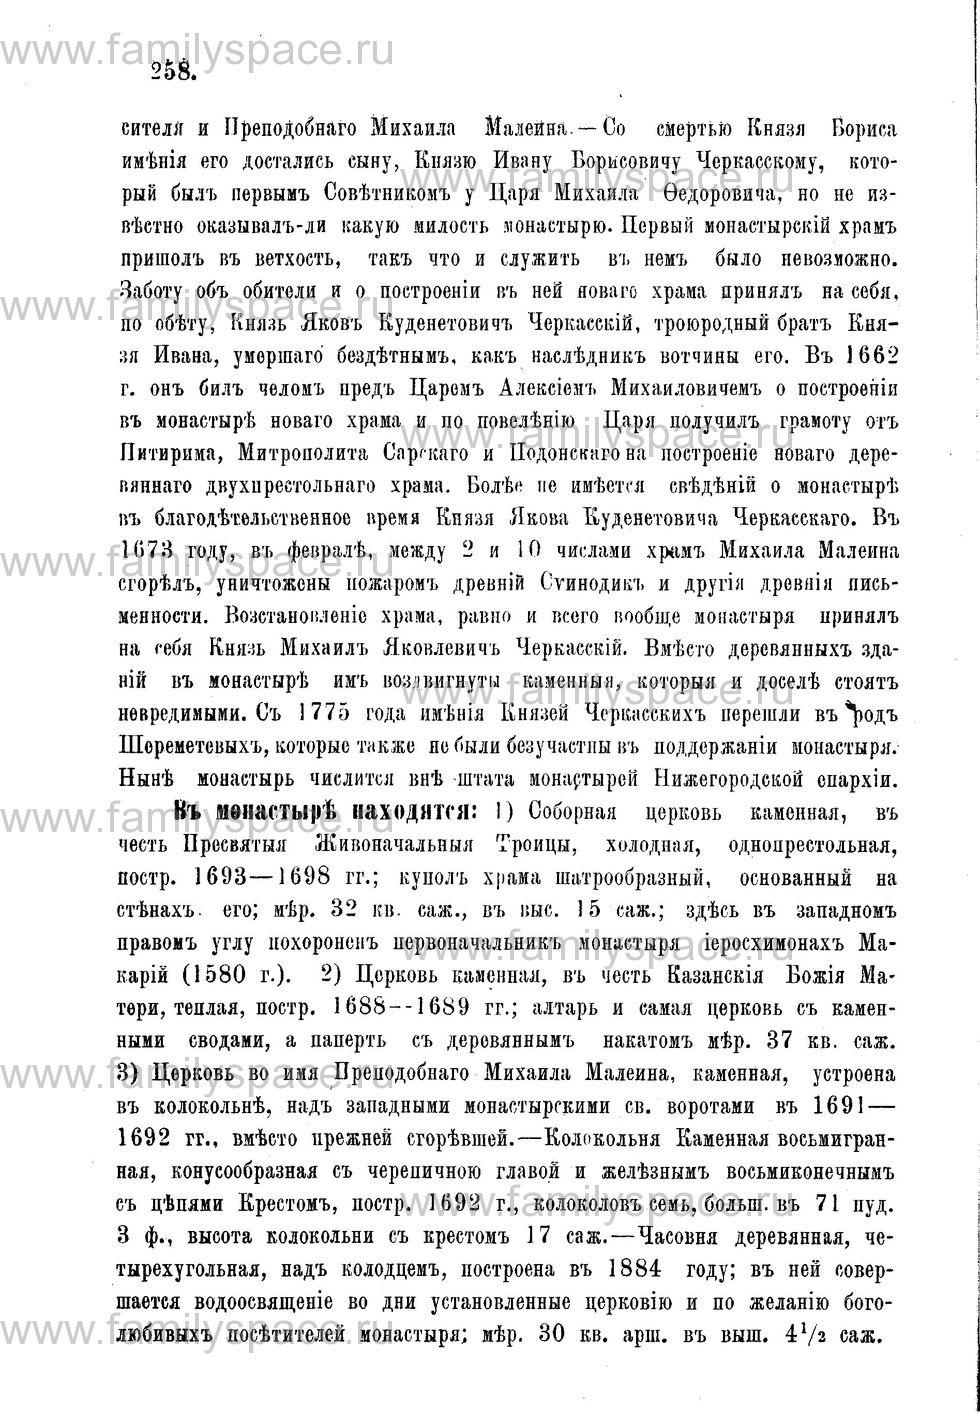 Поиск по фамилии - Адрес-календарь Нижегородской епархии на 1888 год, страница 1258